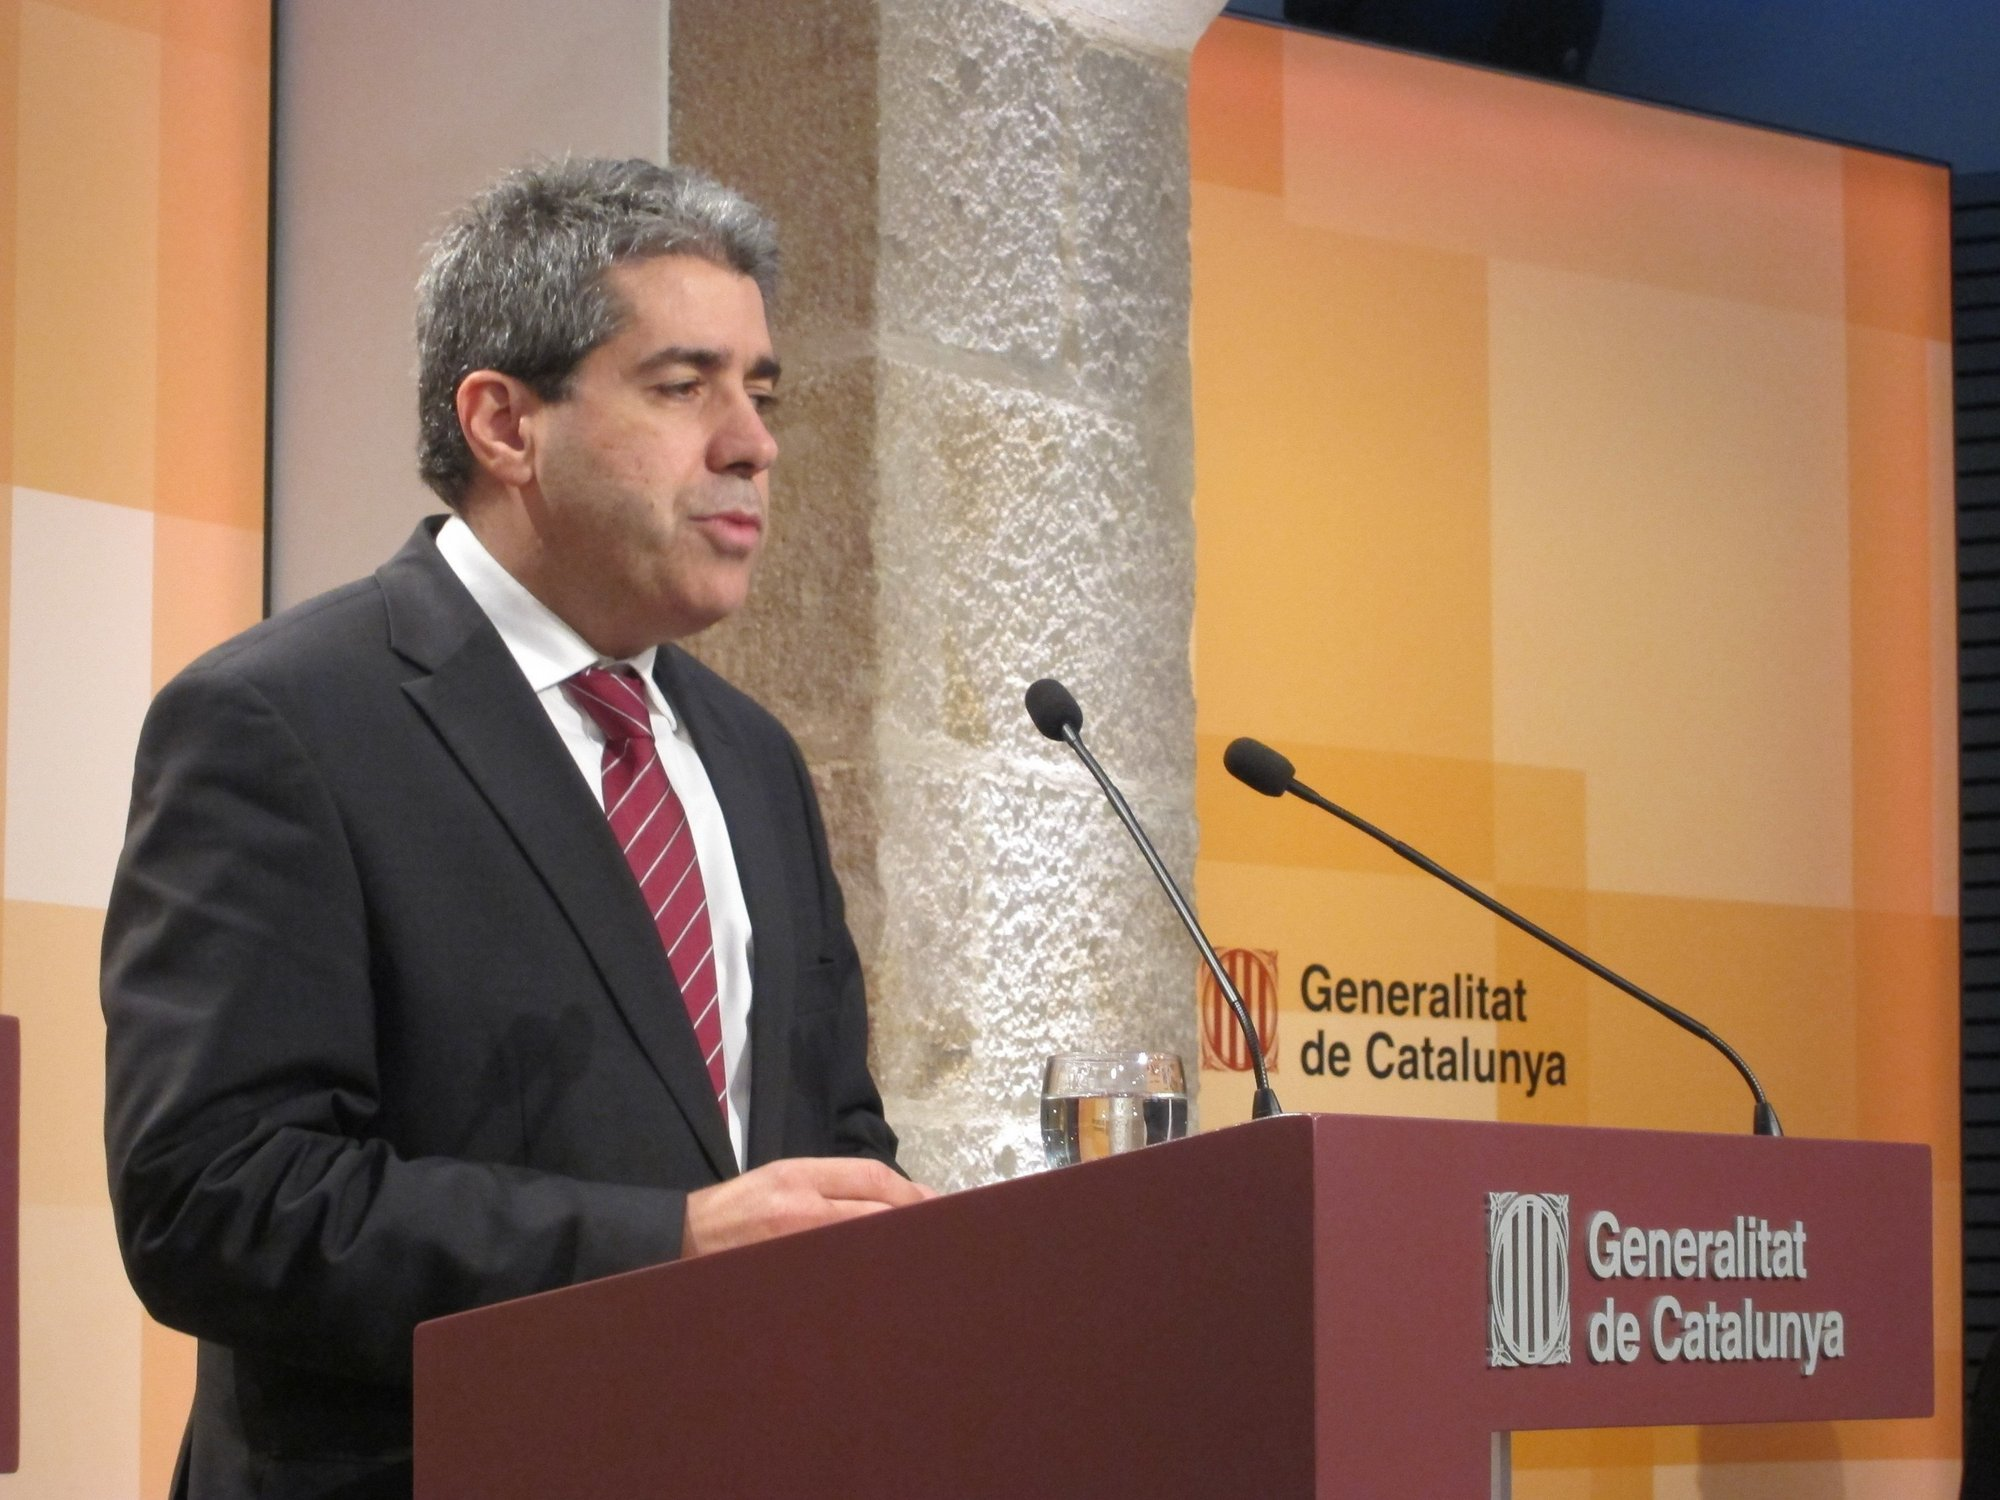 Catalunya recalca que Eurovegas debe cumplir con la ley y emplaza a la prudencia